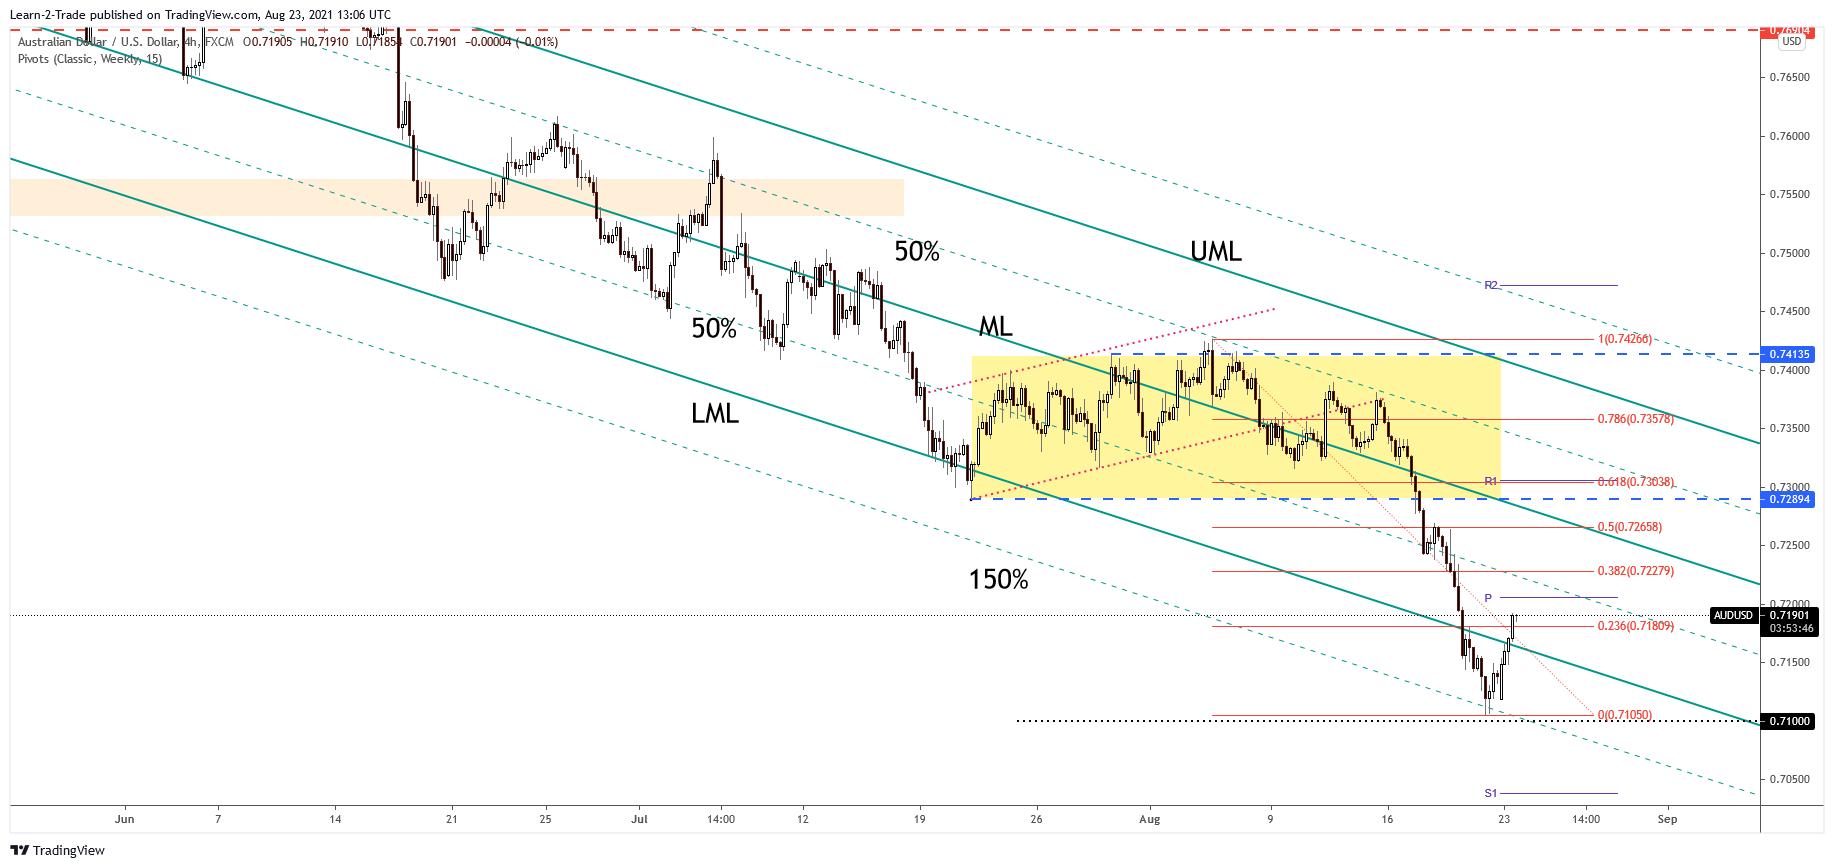 Analyse du graphique des prix AUD/USD sur 4 heures